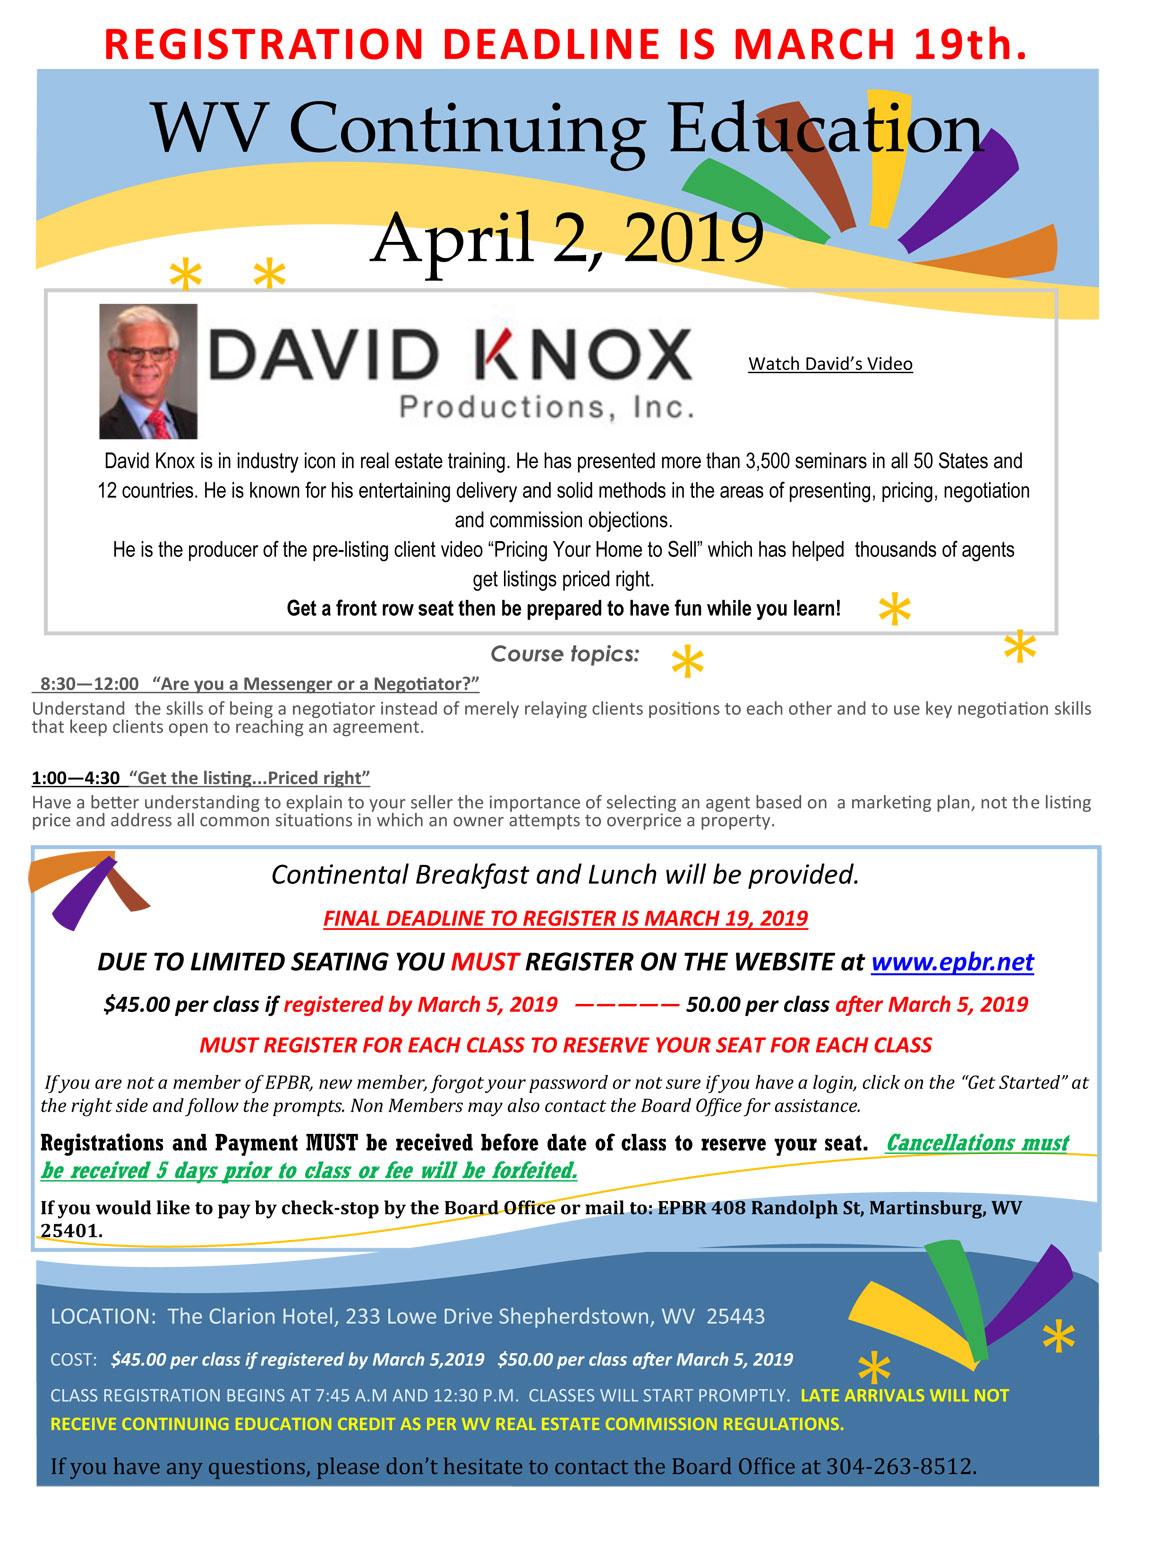 David Knox